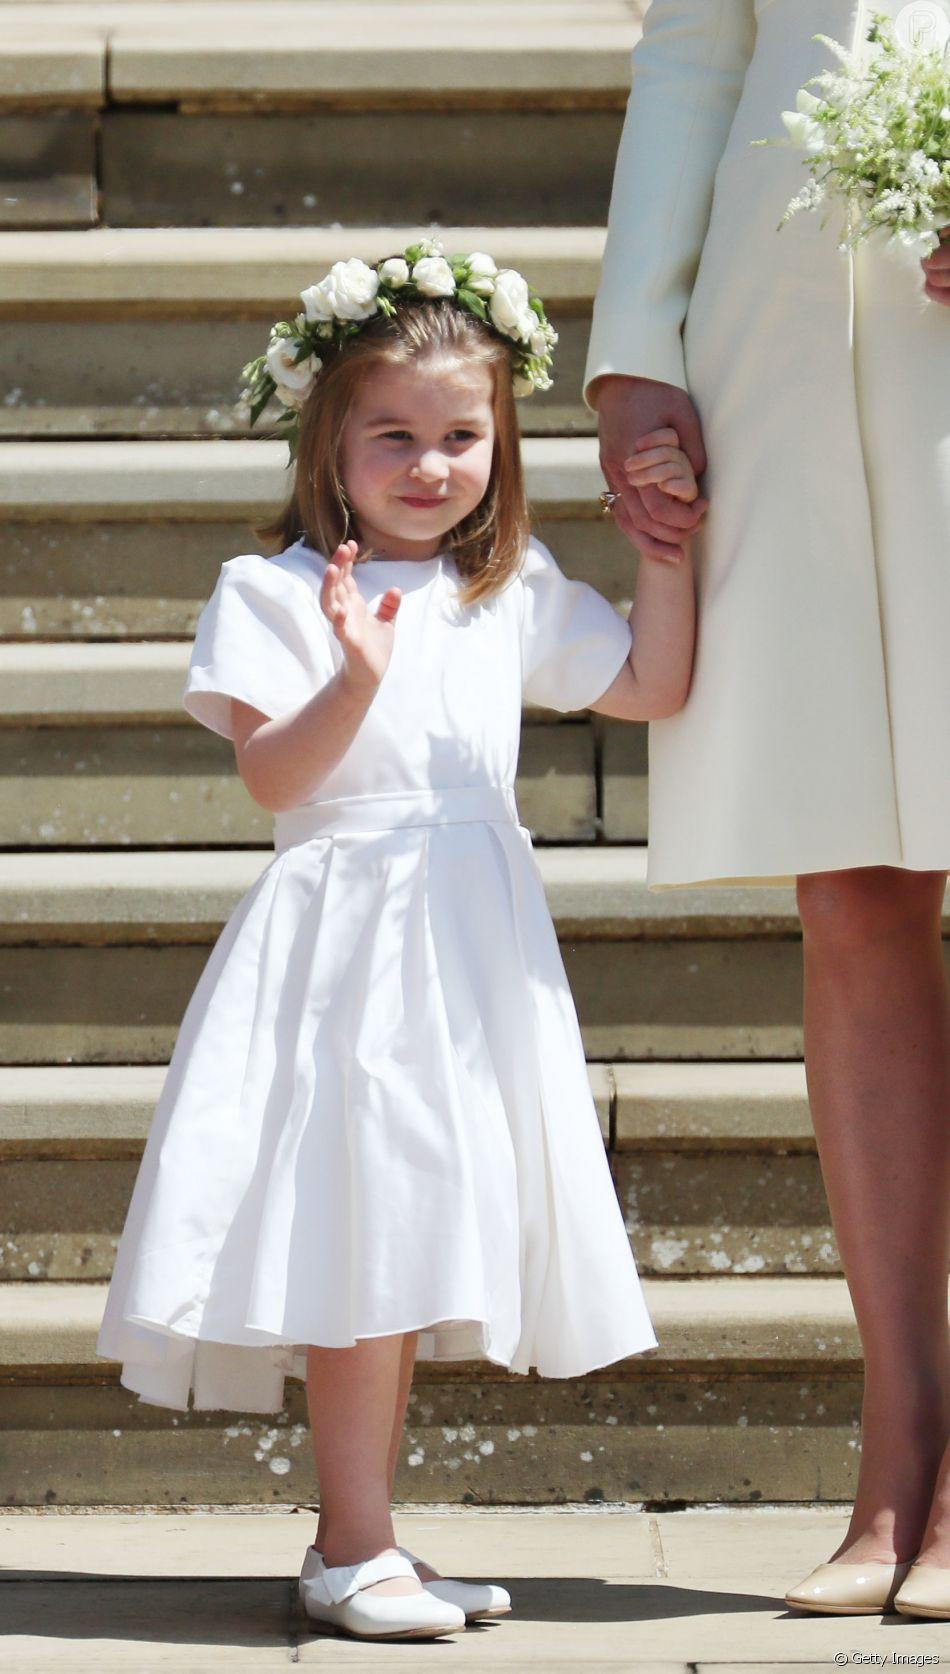 A princesa Charlotte, de 2 anos, esbanjou fofura no casamento de Meghan Markle e do príncipe Harry neste sábado, 19 de maio de 2018